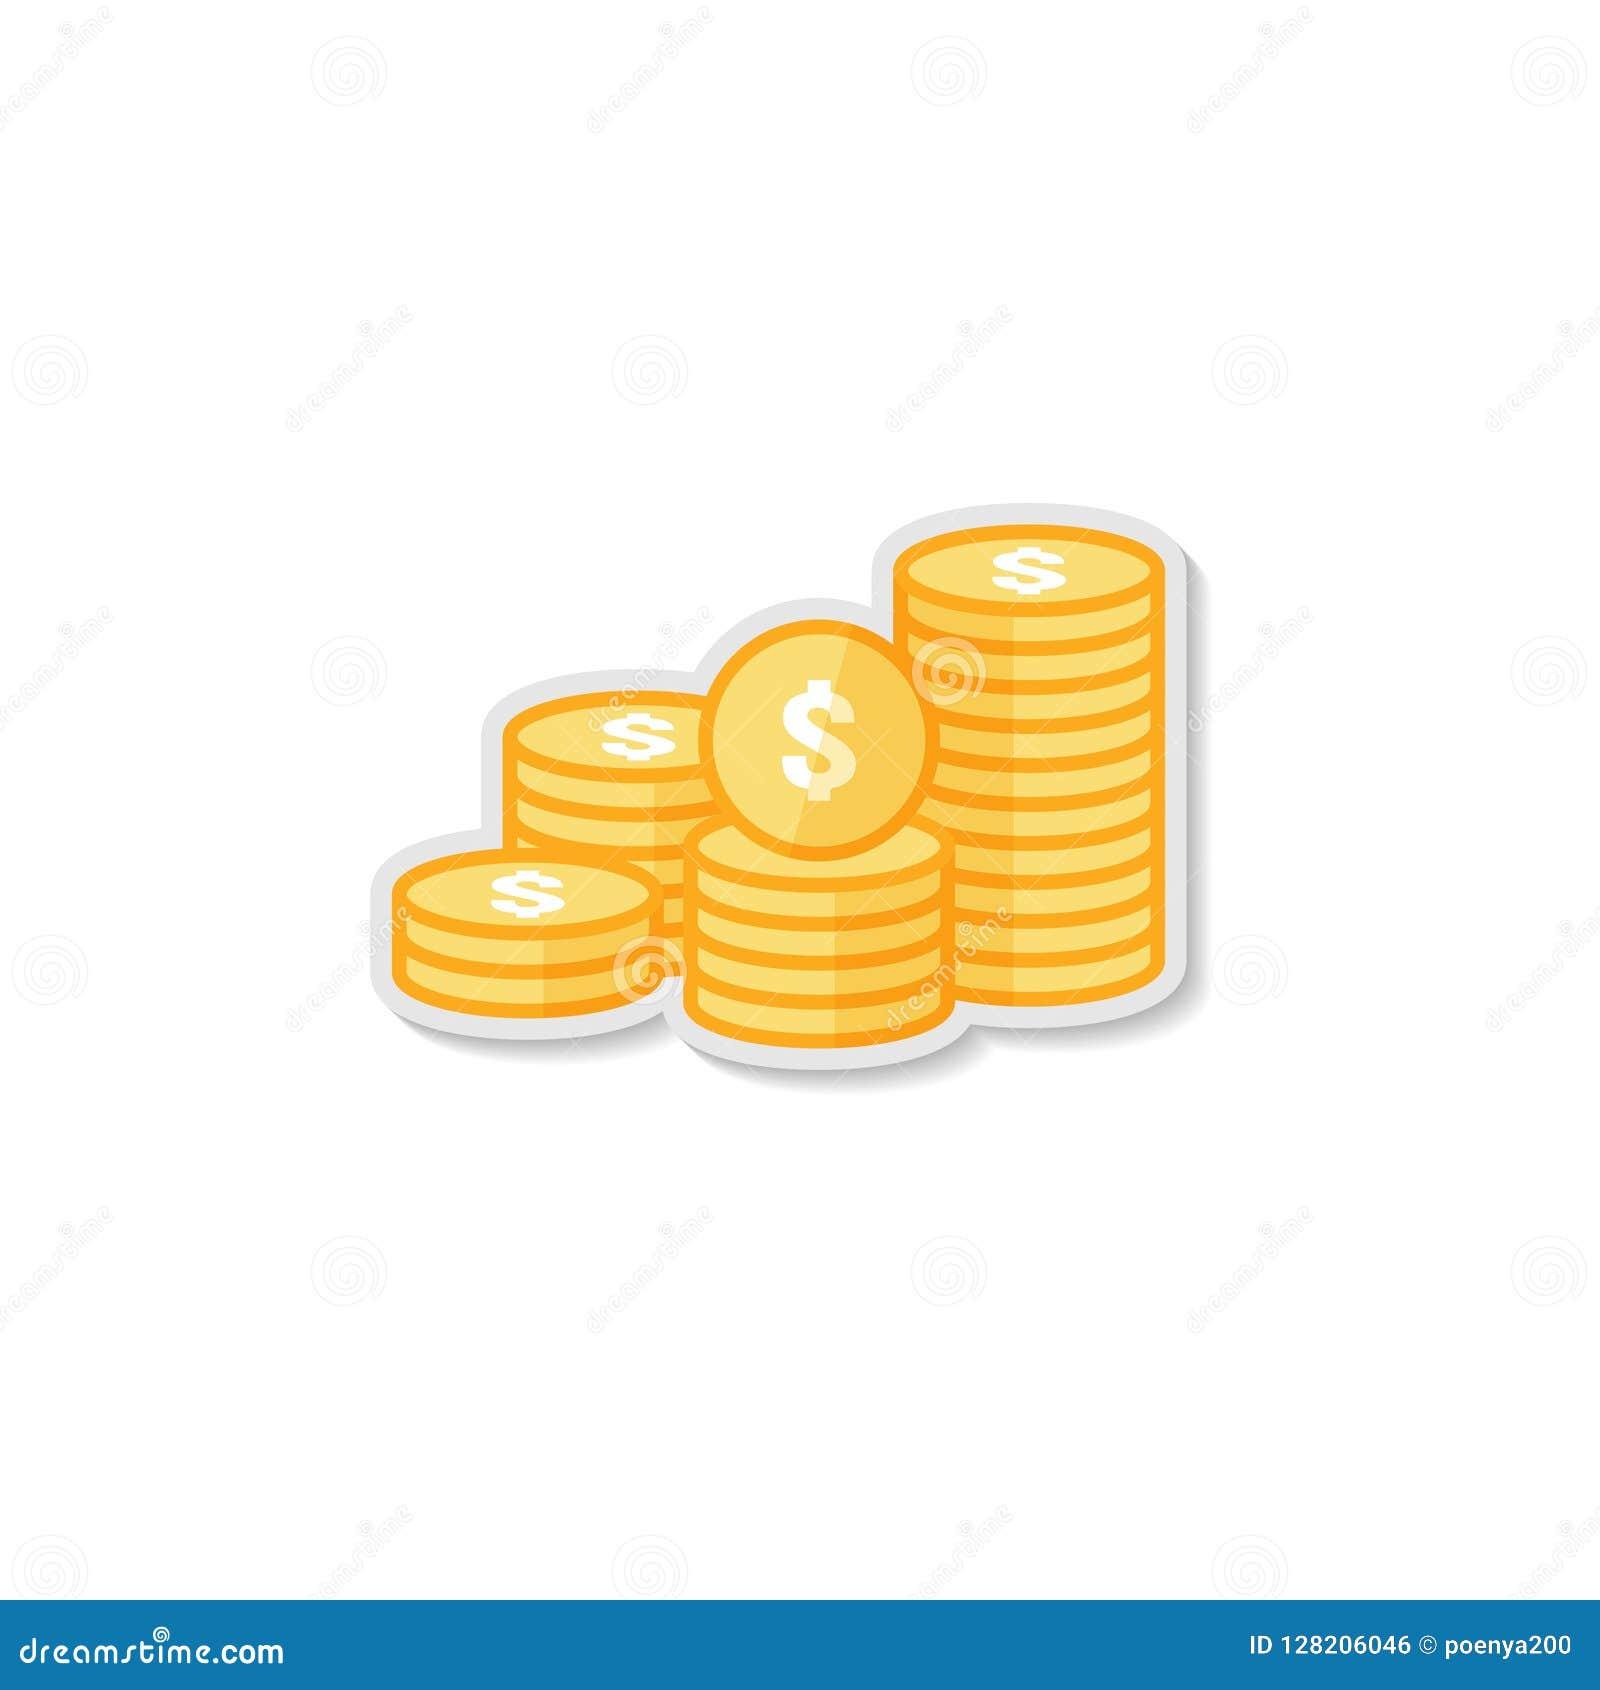 εικονίδιο νομισμάτων σωρών δολαρίων χρυσός χρυσός σωρός χρημάτων για τη χρηματοδότηση κέρδους έννοια αύξησης εμπορικής επένδυσης